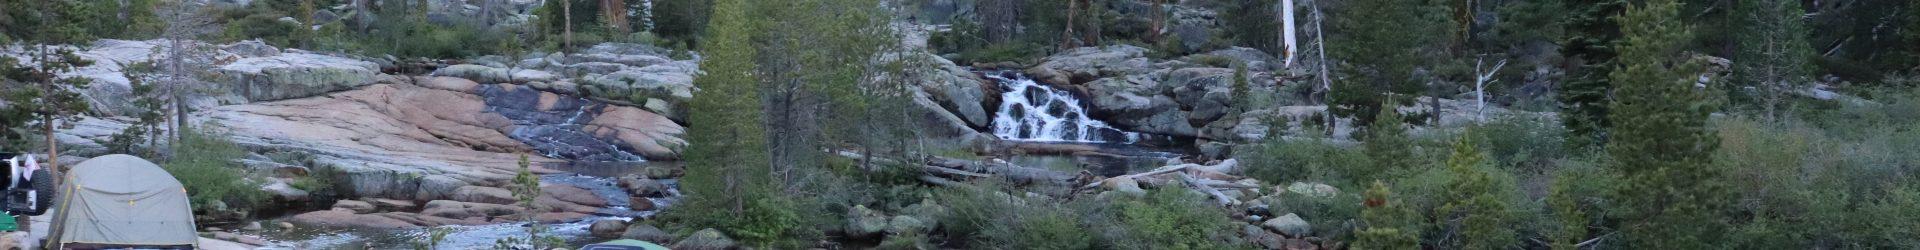 Rubicon Trail – June 2021